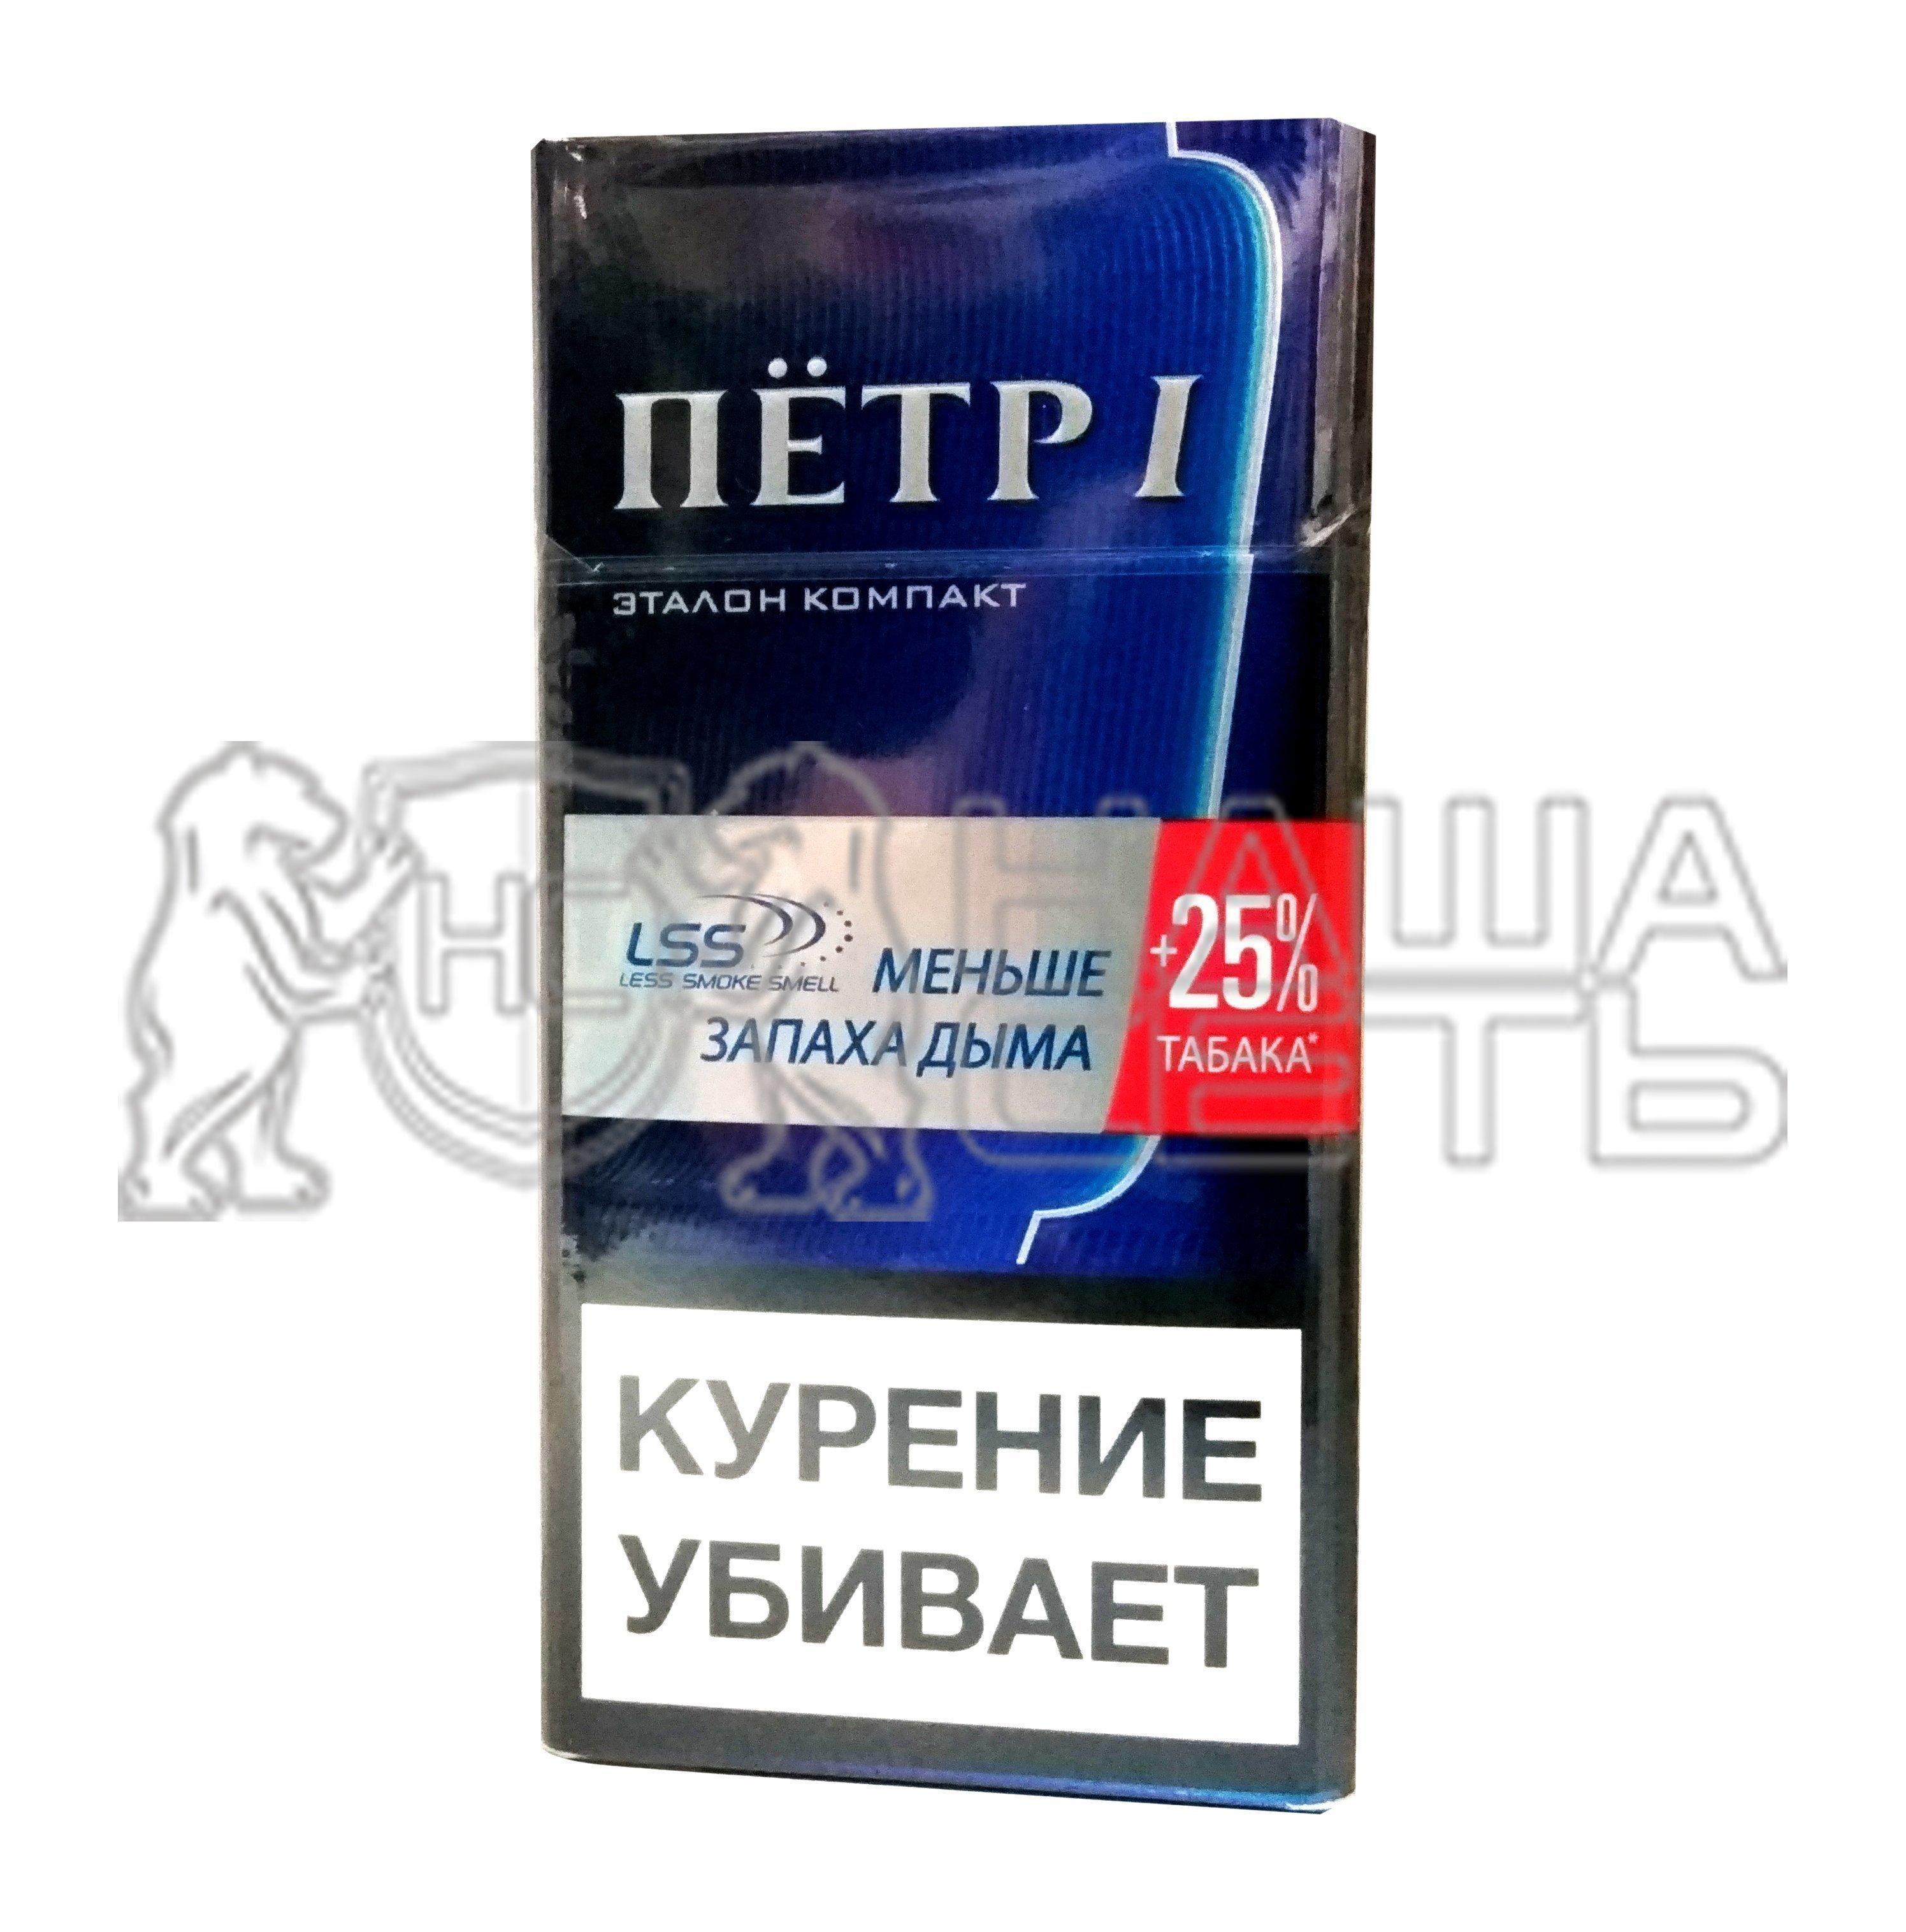 Купить сигареты петр 1 эталон в москве за продажу несовершеннолетним табачных изделий что предусмотрено